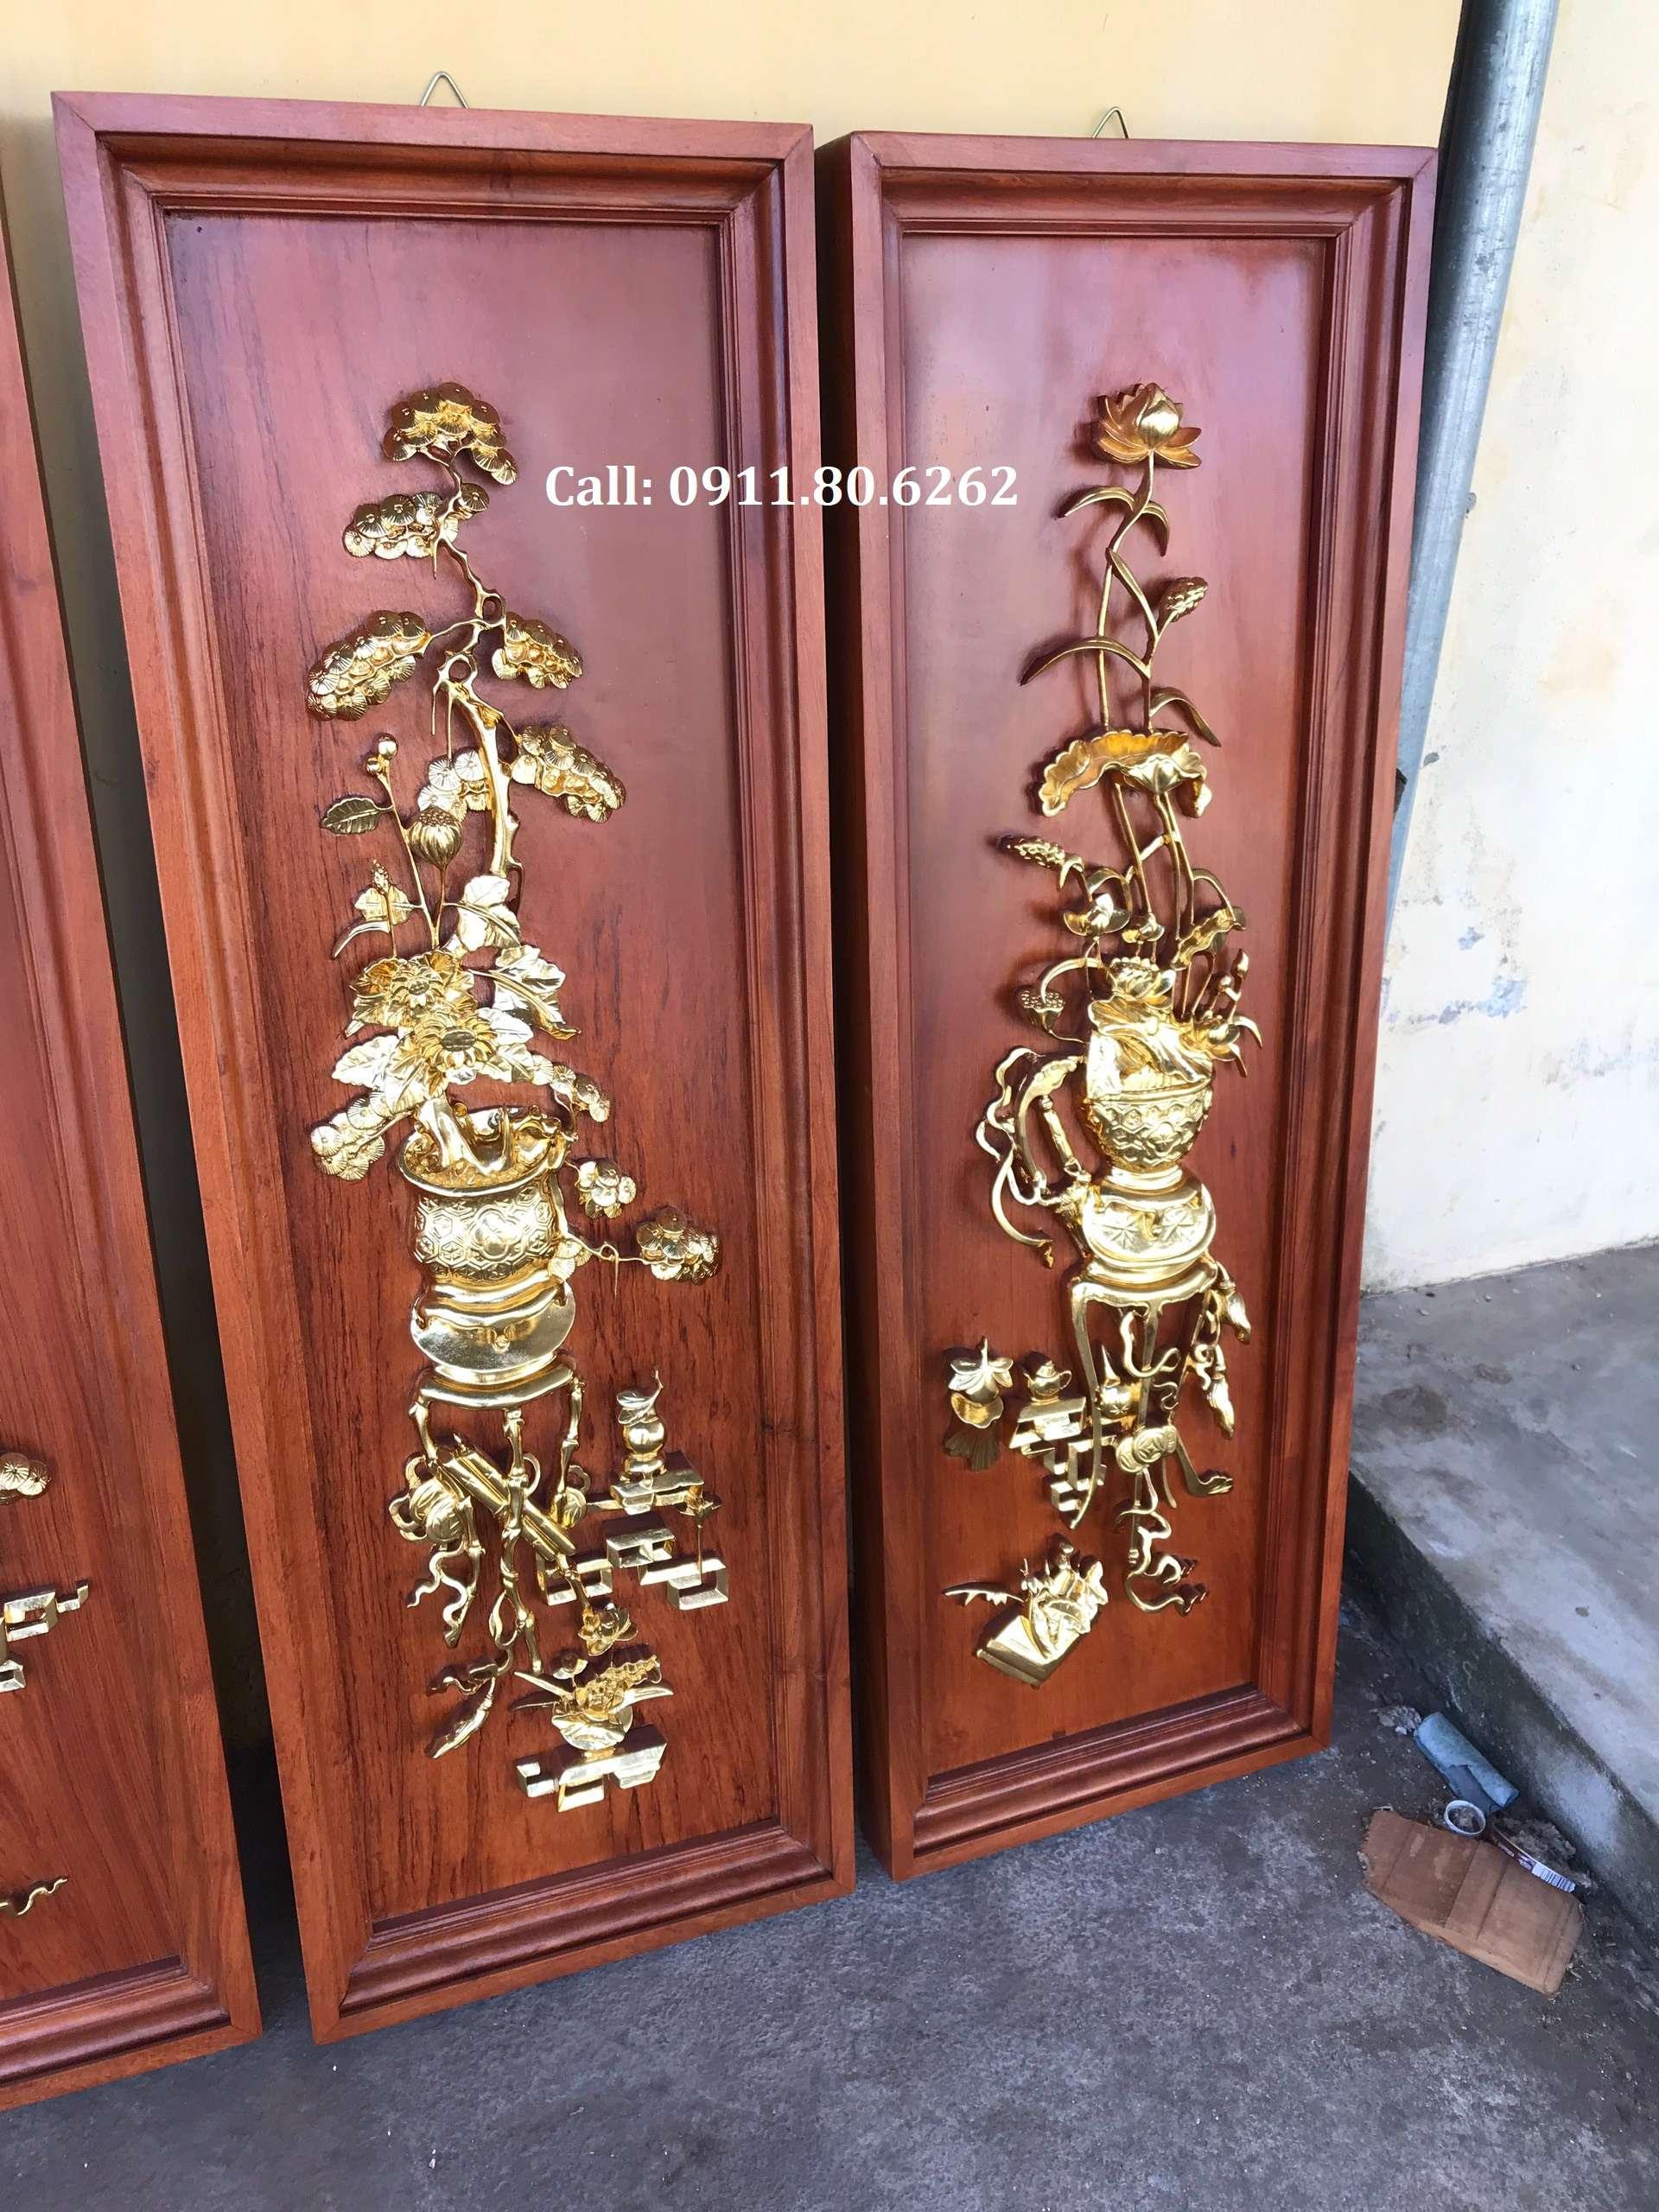 Tranh Tu Binh Son Son Thep Vang 5 - Tranh Tứ Bình Sơn Son Thiếp Vàng MS: 15